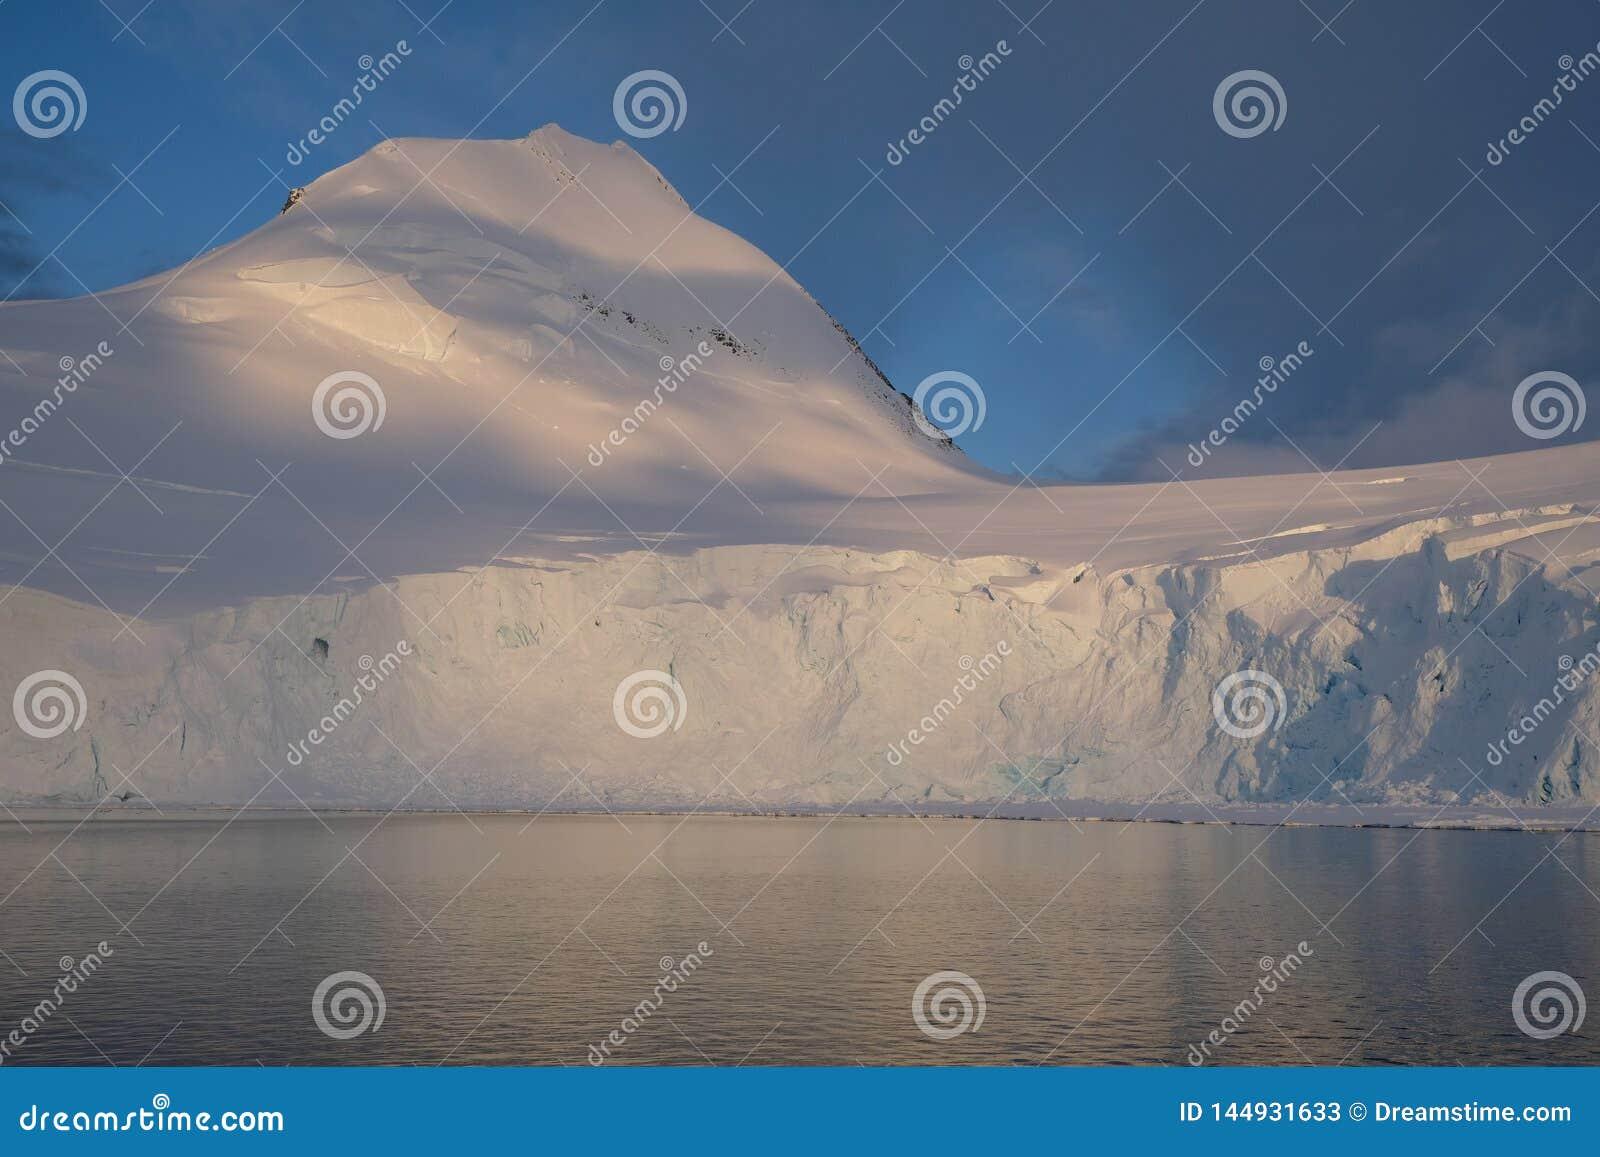 Die Antarktis-Ruhemitternachtssonnenuntergang auf schneebedecktem Berg